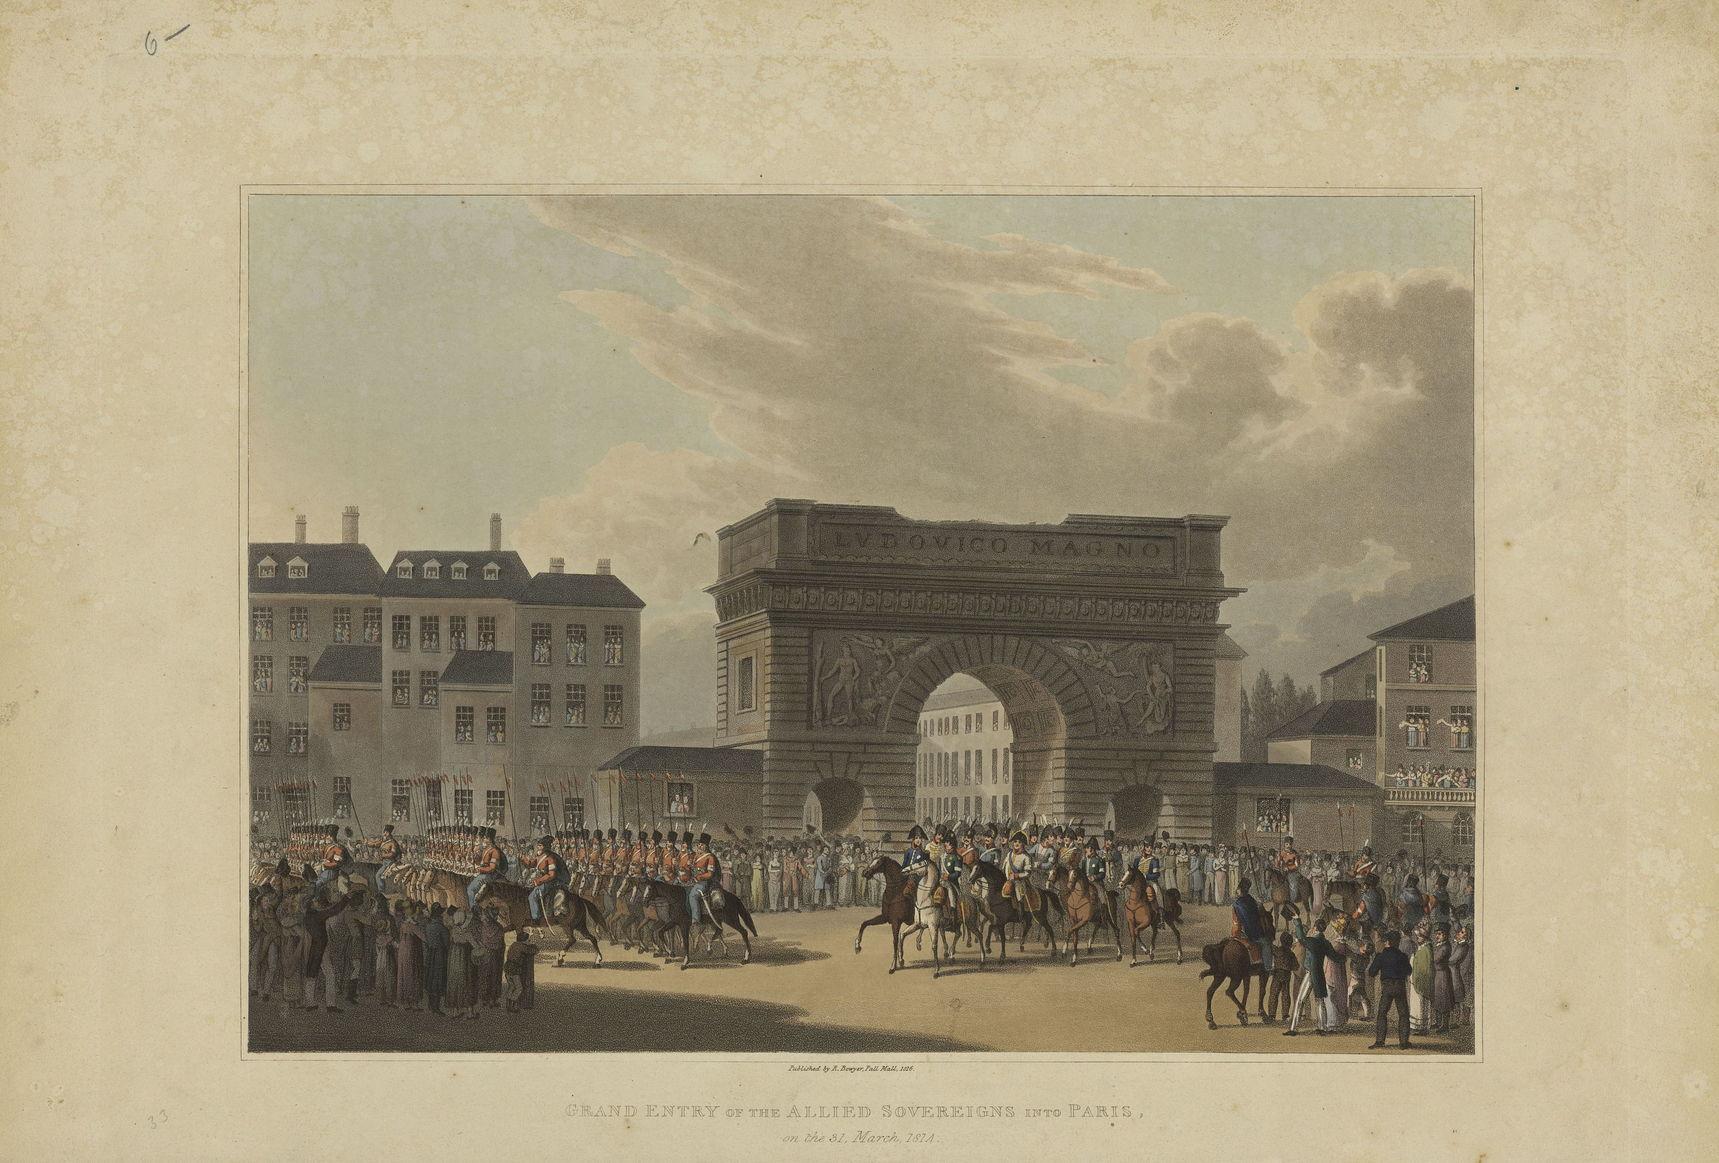 Гравюра Р. Боуера Великое вступлении союзных войск в Париж 31 марта 1814 г., 1816